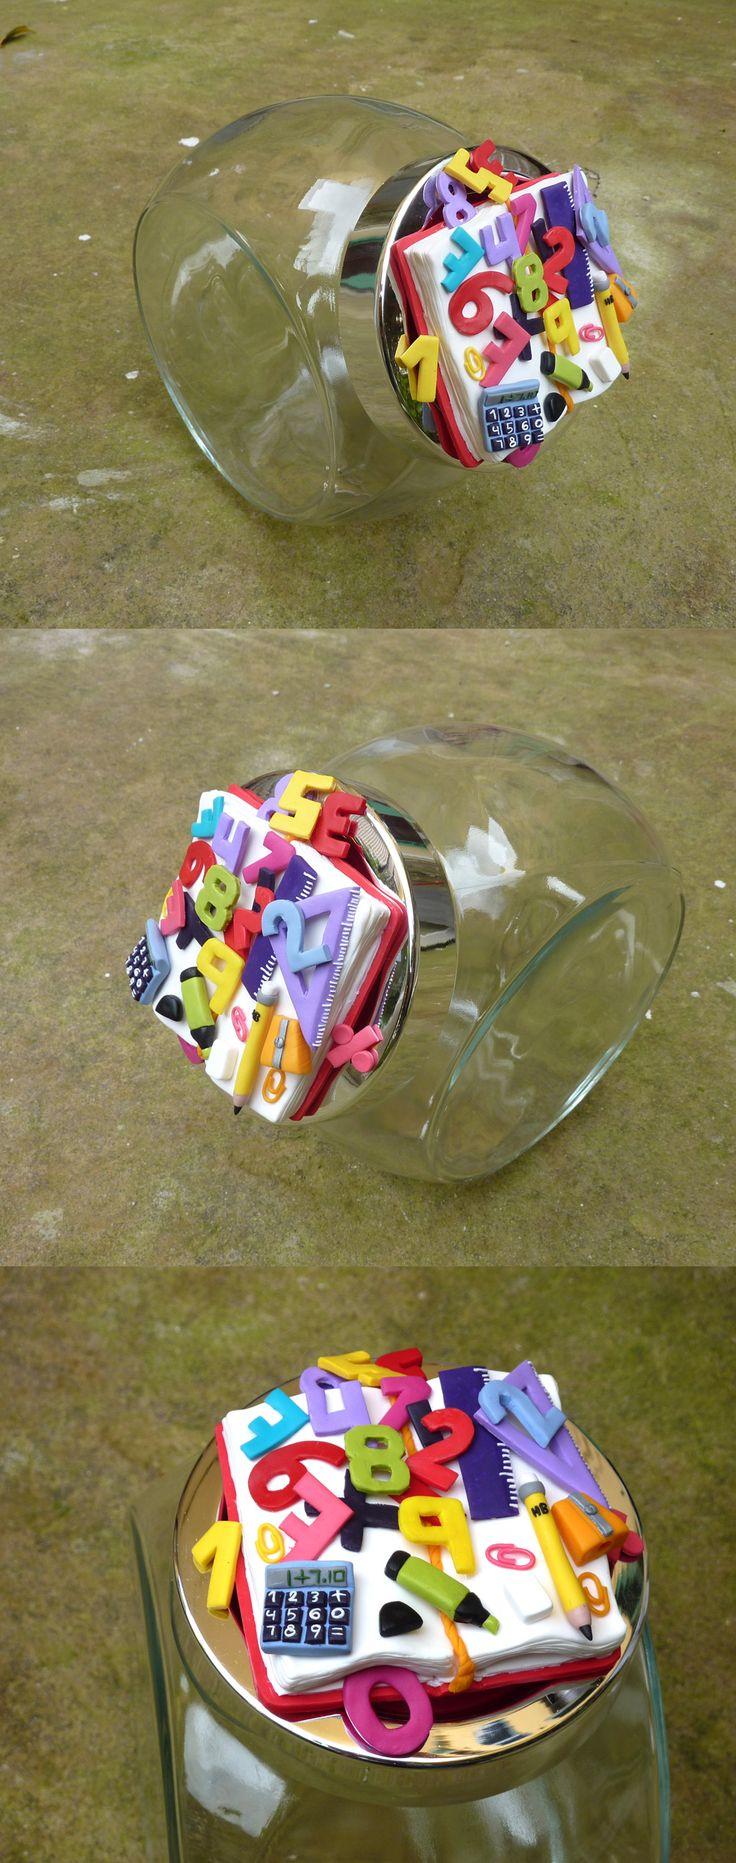 Barattolo per biscotti con calcolatrice squadra lapis e numeri in fimo fatto a mano - Biscuit jar with calculator pencil an numbers in fimo polymer clay handmade